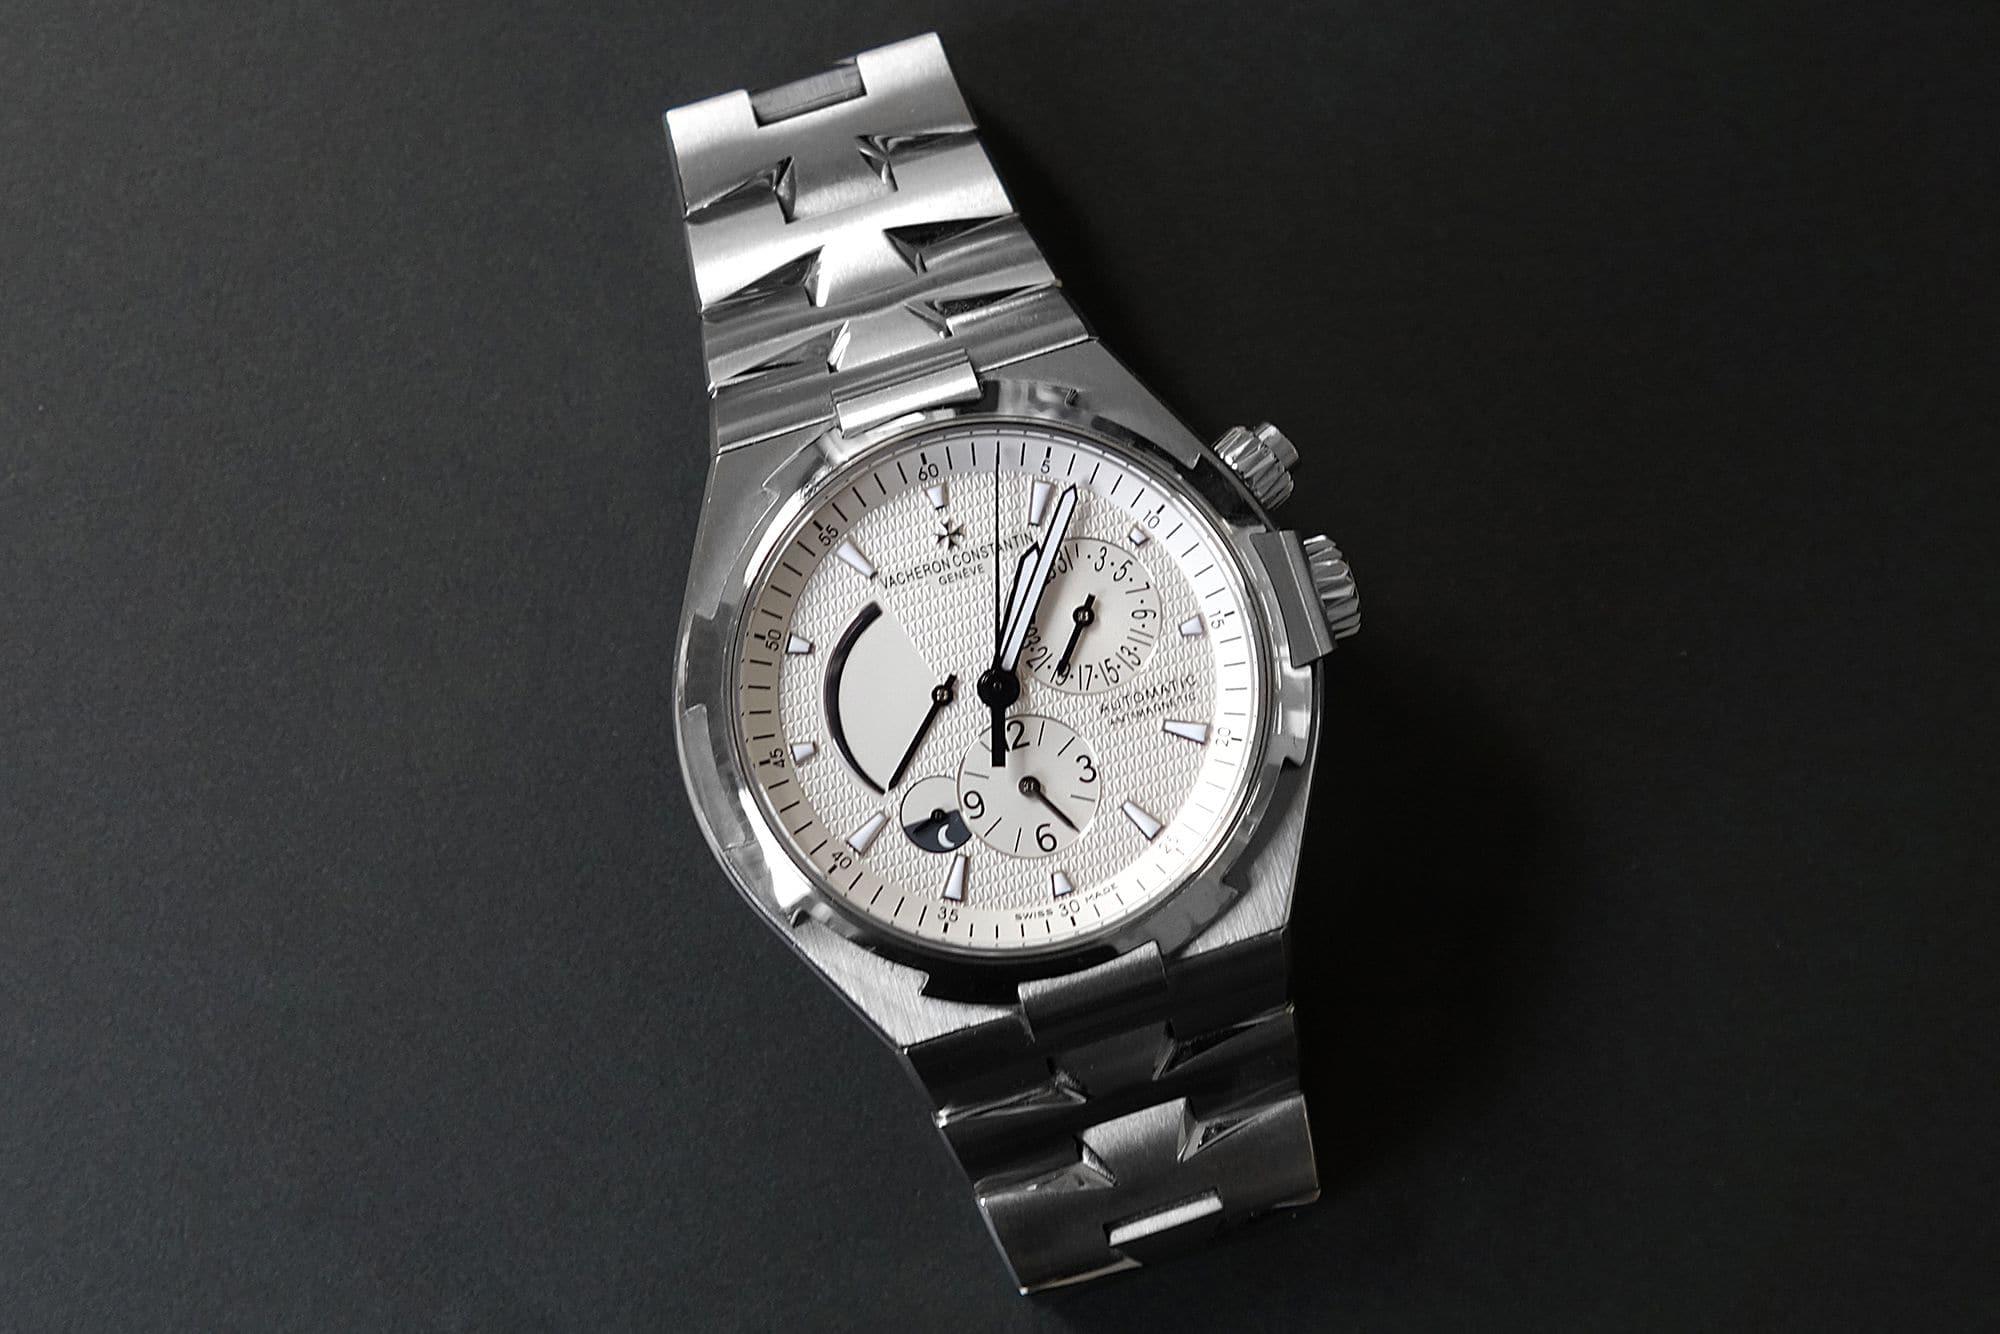 91149a04ec 腕時計と共に生きる~店長 阿部が語る過去、現在、未来~後編[スタッフ ...